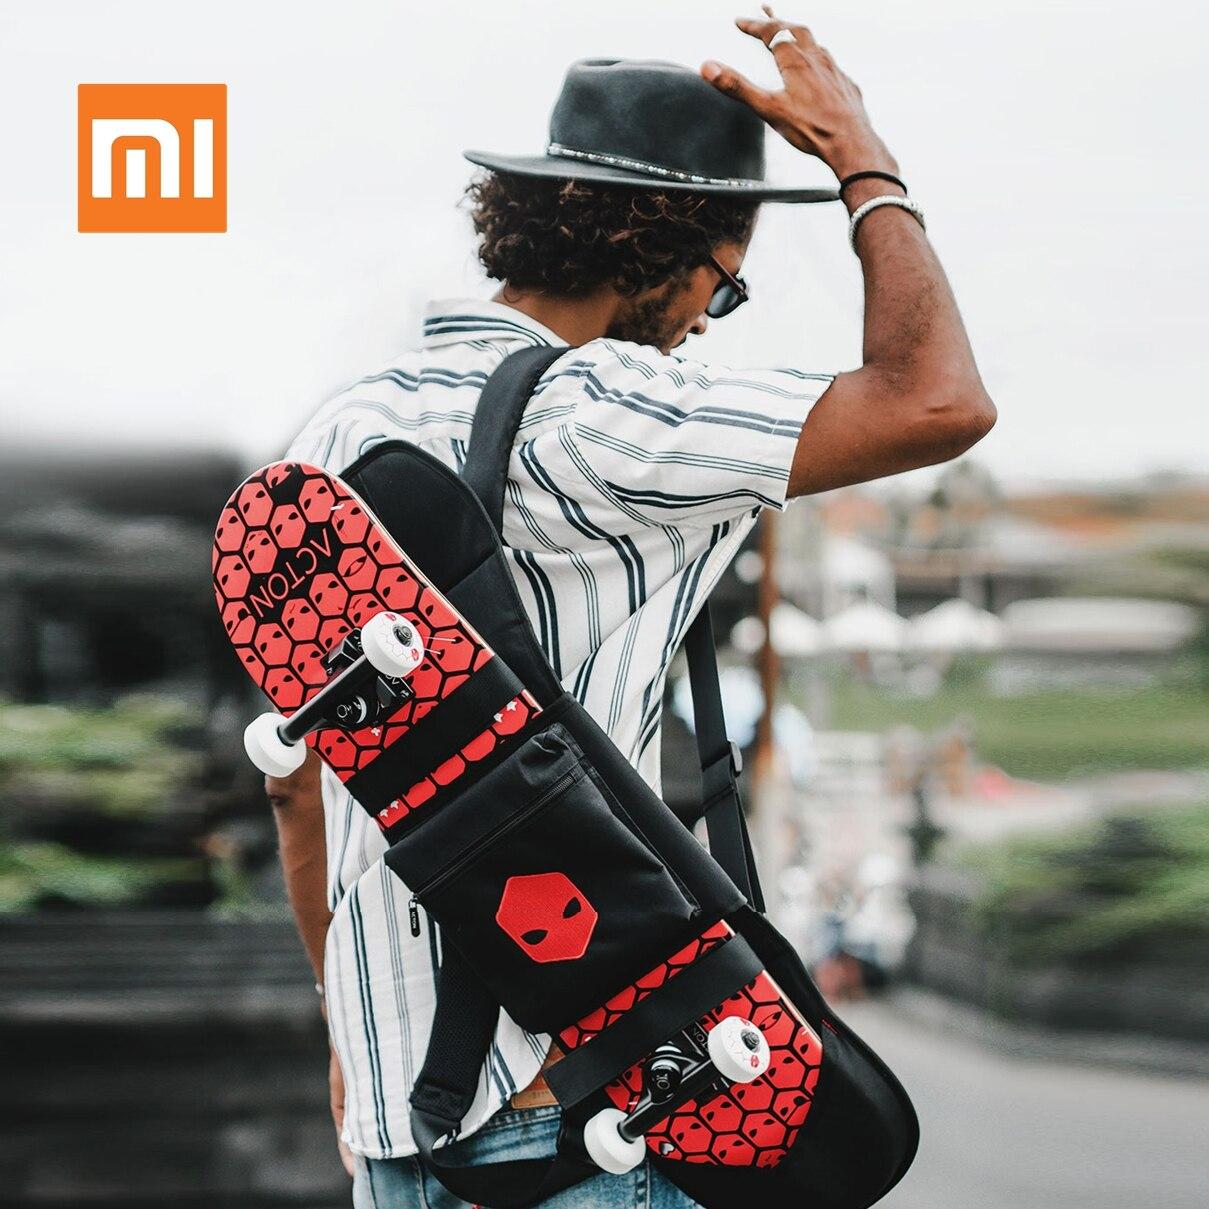 Xiaomi ACTON Planche À Roulettes Sac À Dos Sac pour Double Rocker Portable Durable Étudiants Planche À Roulettes Sacs Skate Couverture Sac de Transport